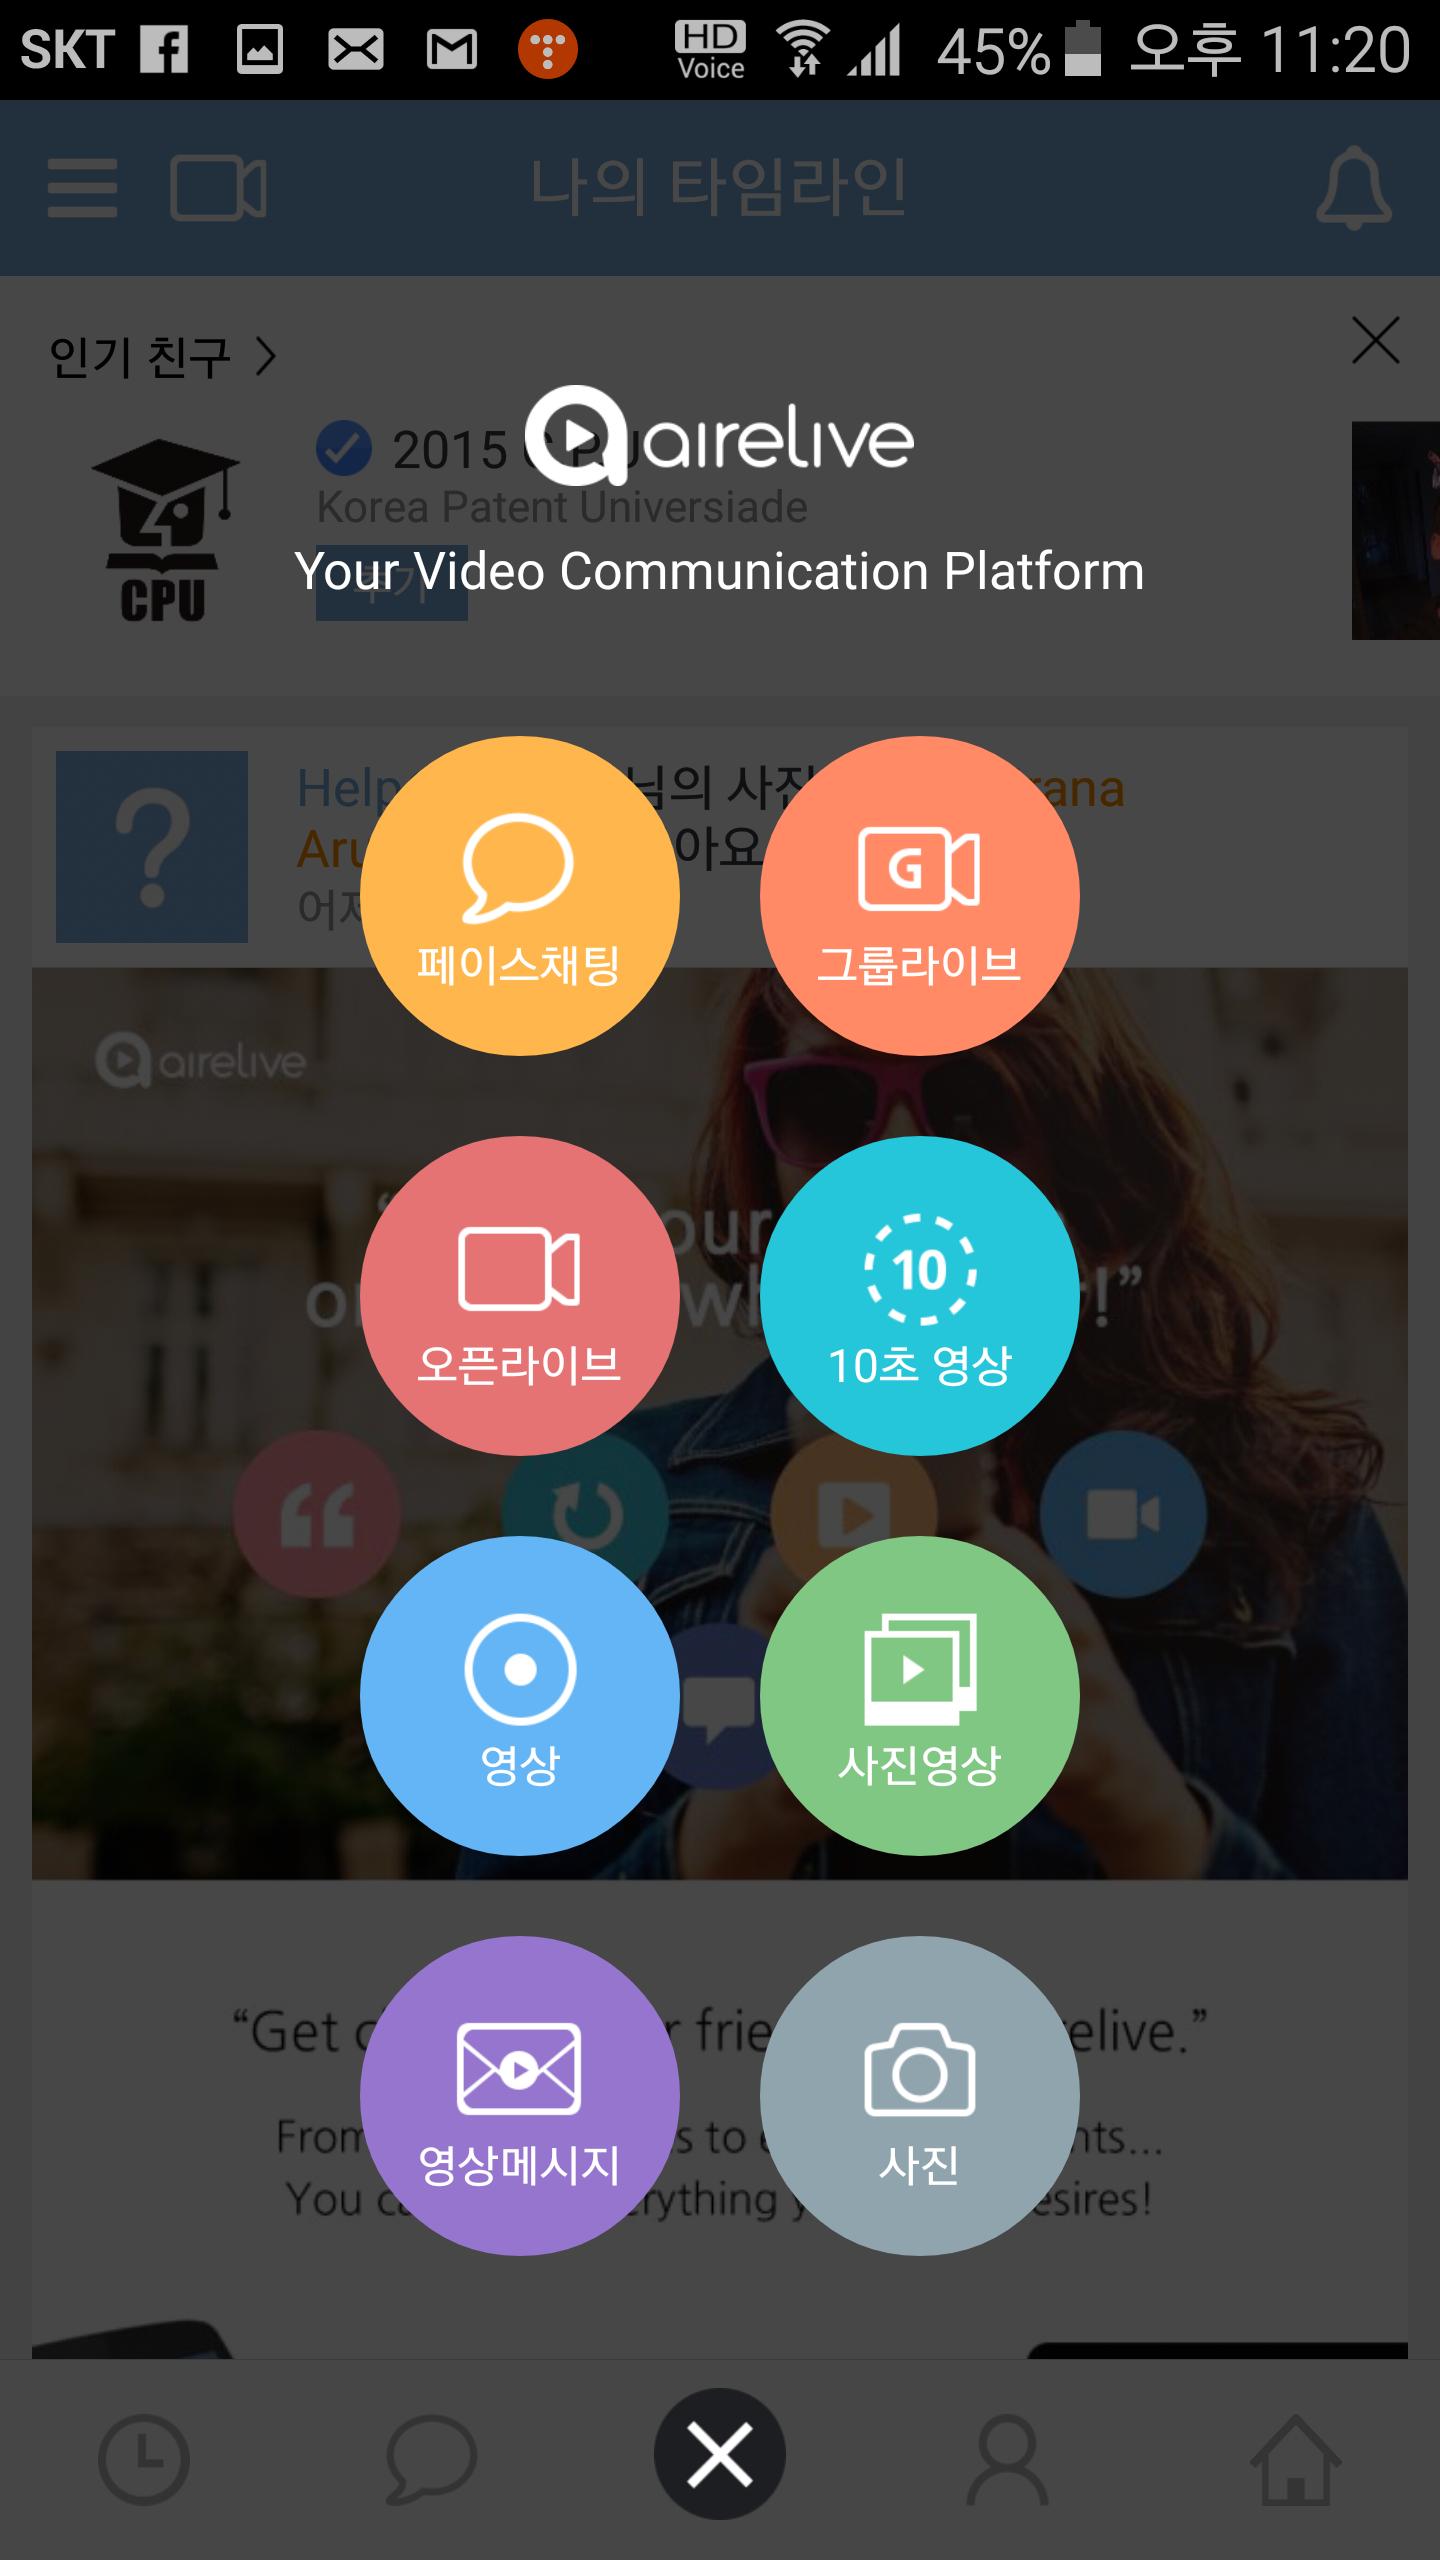 에어라이브 ,페이스채팅, 오픈라이브, 채팅, SNS 방송,생방송,그룹라이브,IT,어플,모바일,화상채팅,airelive,airelive app,에어라이브 페이스채팅 오픈라이브 채팅과 SNS 방송에 대해서 알아보겠습니다. 재미있는 어플이네요. 요즘 앱은 기능이 비슷하거나 약하면 사용자들이 잘 쓰지 않죠. 여러가지 복합적인 기능이 되면서도 쉽고 재미있어야 합니다. 채팅을 하거나 또는 그룹으로 영상방송으로 에어라이브를 이용할 수 있습니다. 얼굴을 보면서 화상채팅이 가능 했는데 이것은 스마트폰에 카메라가 있으므로 가능하죠. 물론 화상채팅이 되는 어플들이 있긴 하지만 속도 면에서는 에어라이브가 좋아보이네요. 꽤 빨랐으니까요. 물론 조금 작게 화면이 뜨긴 하지만 여러명이 동시에 얼굴을 보면서 대화를 할 수 있었습니다. 라이브방송을 하면서 다른사람들과 동시에 그룹라이브가 가능했습니다. 또는 더 많은 사람들과 영상을 공유하기 위해서 오픈라이브 방송도 가능 했습니다.